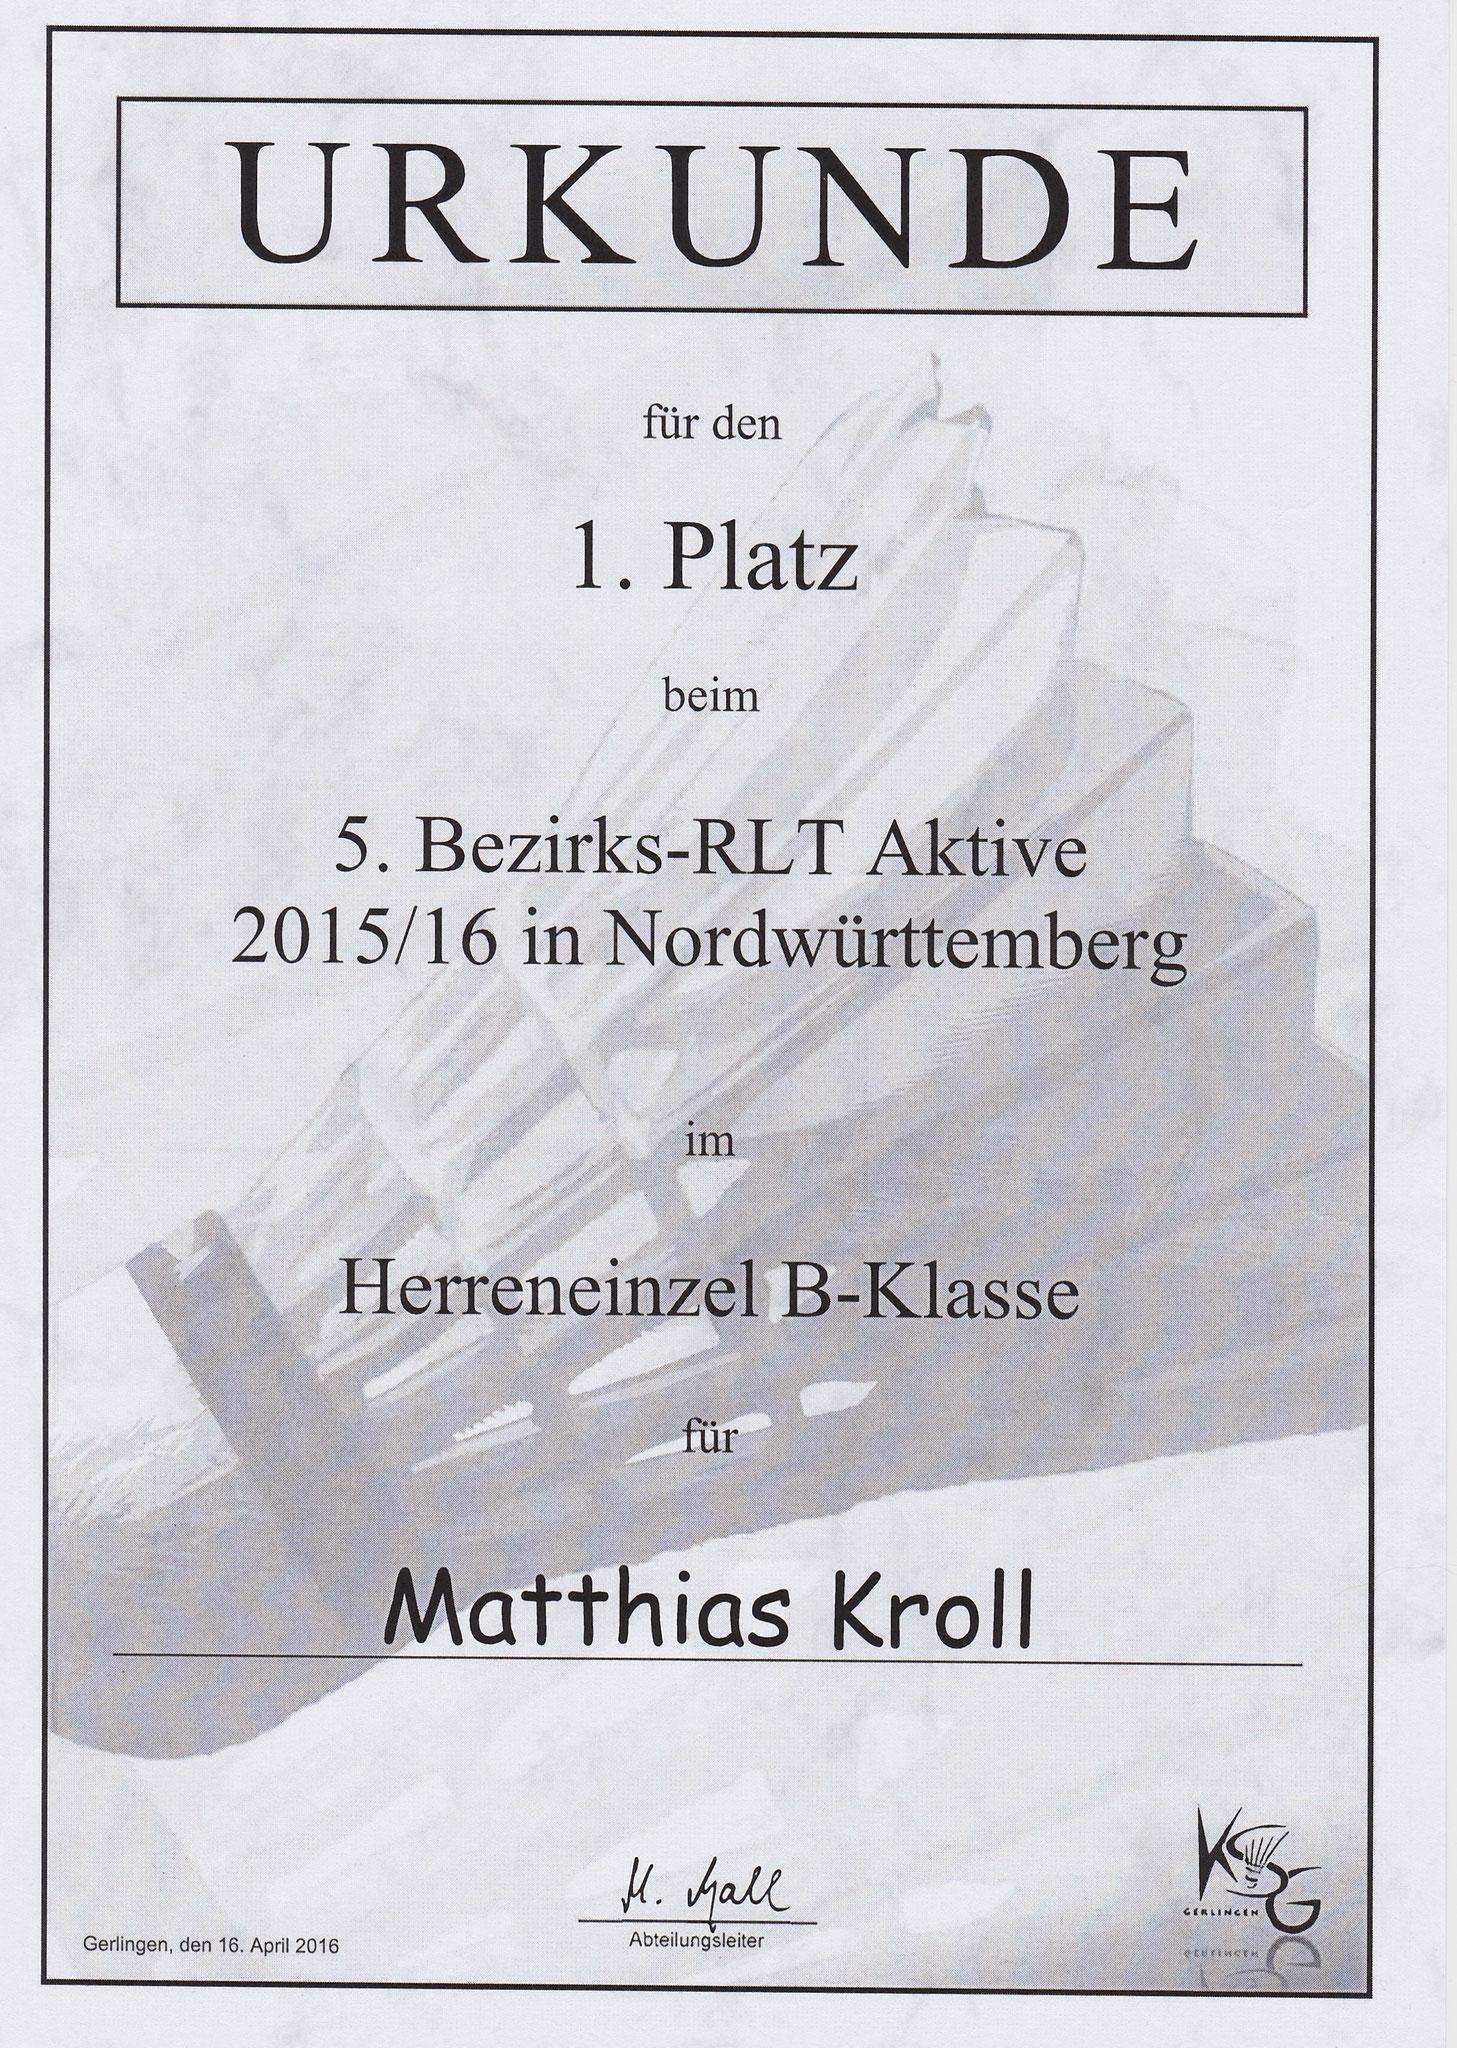 Urkunde Herreneinzel 1. Platz Matthias